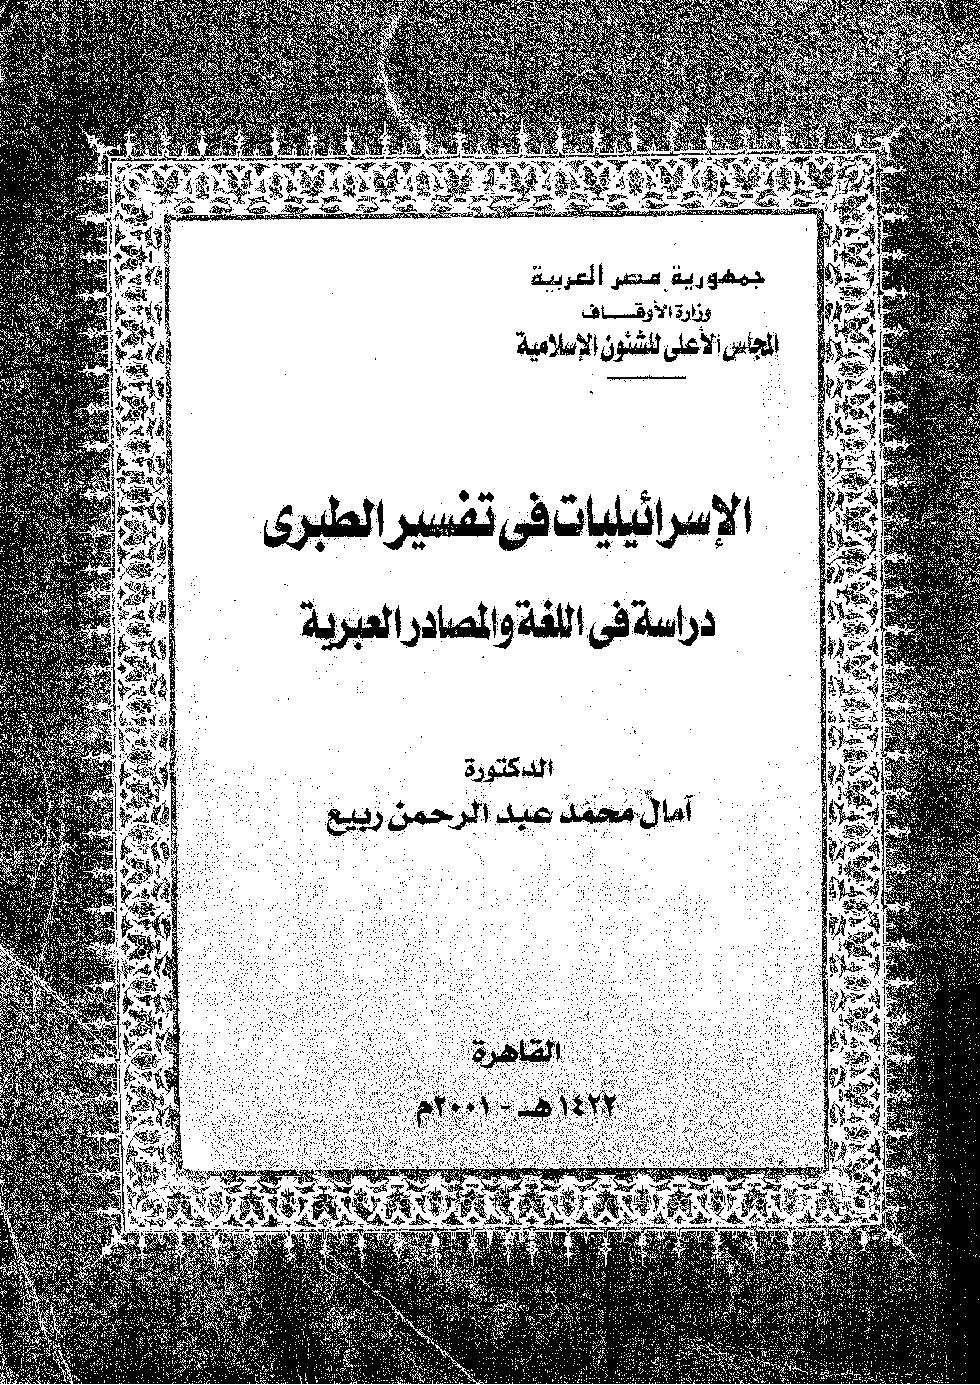 تحميل كتاب الإسرائيليات في تفسير الطبري (دراسة في اللغة والمصادر العبرية) لـِ: آمال محمد عبد الرحمن ربيع